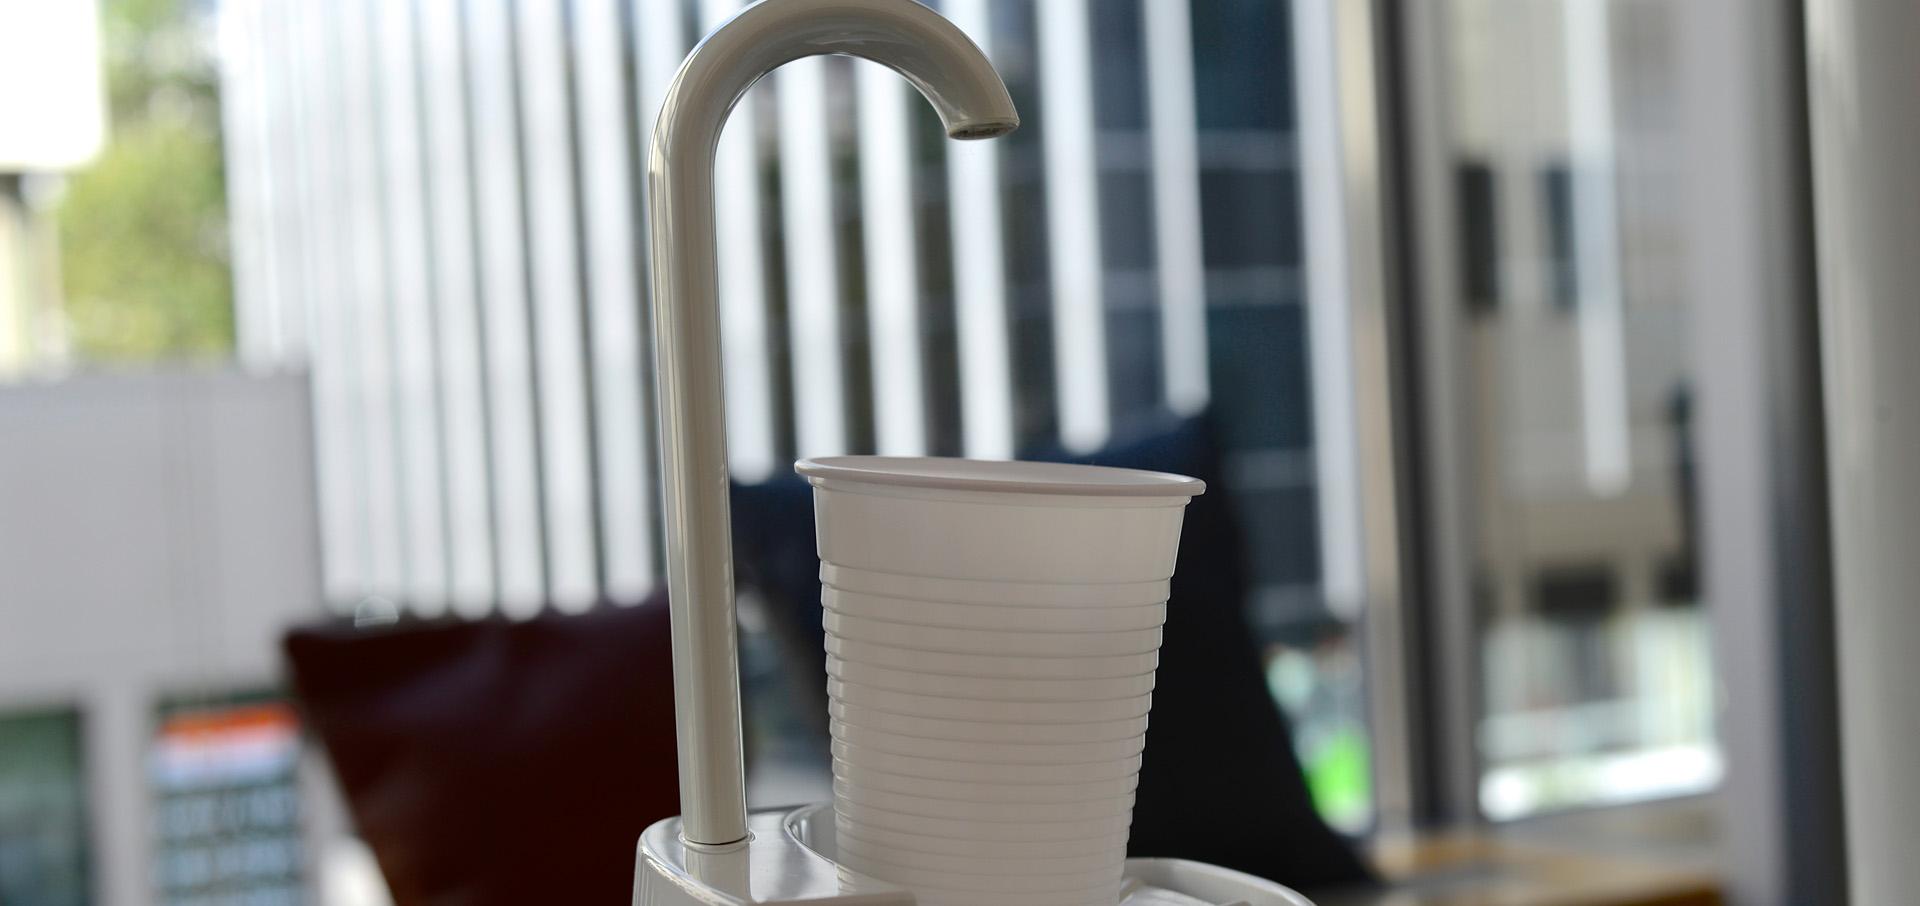 Keimfreies Trinkwasser mit der Hygiene-Technologie von Blue Safety